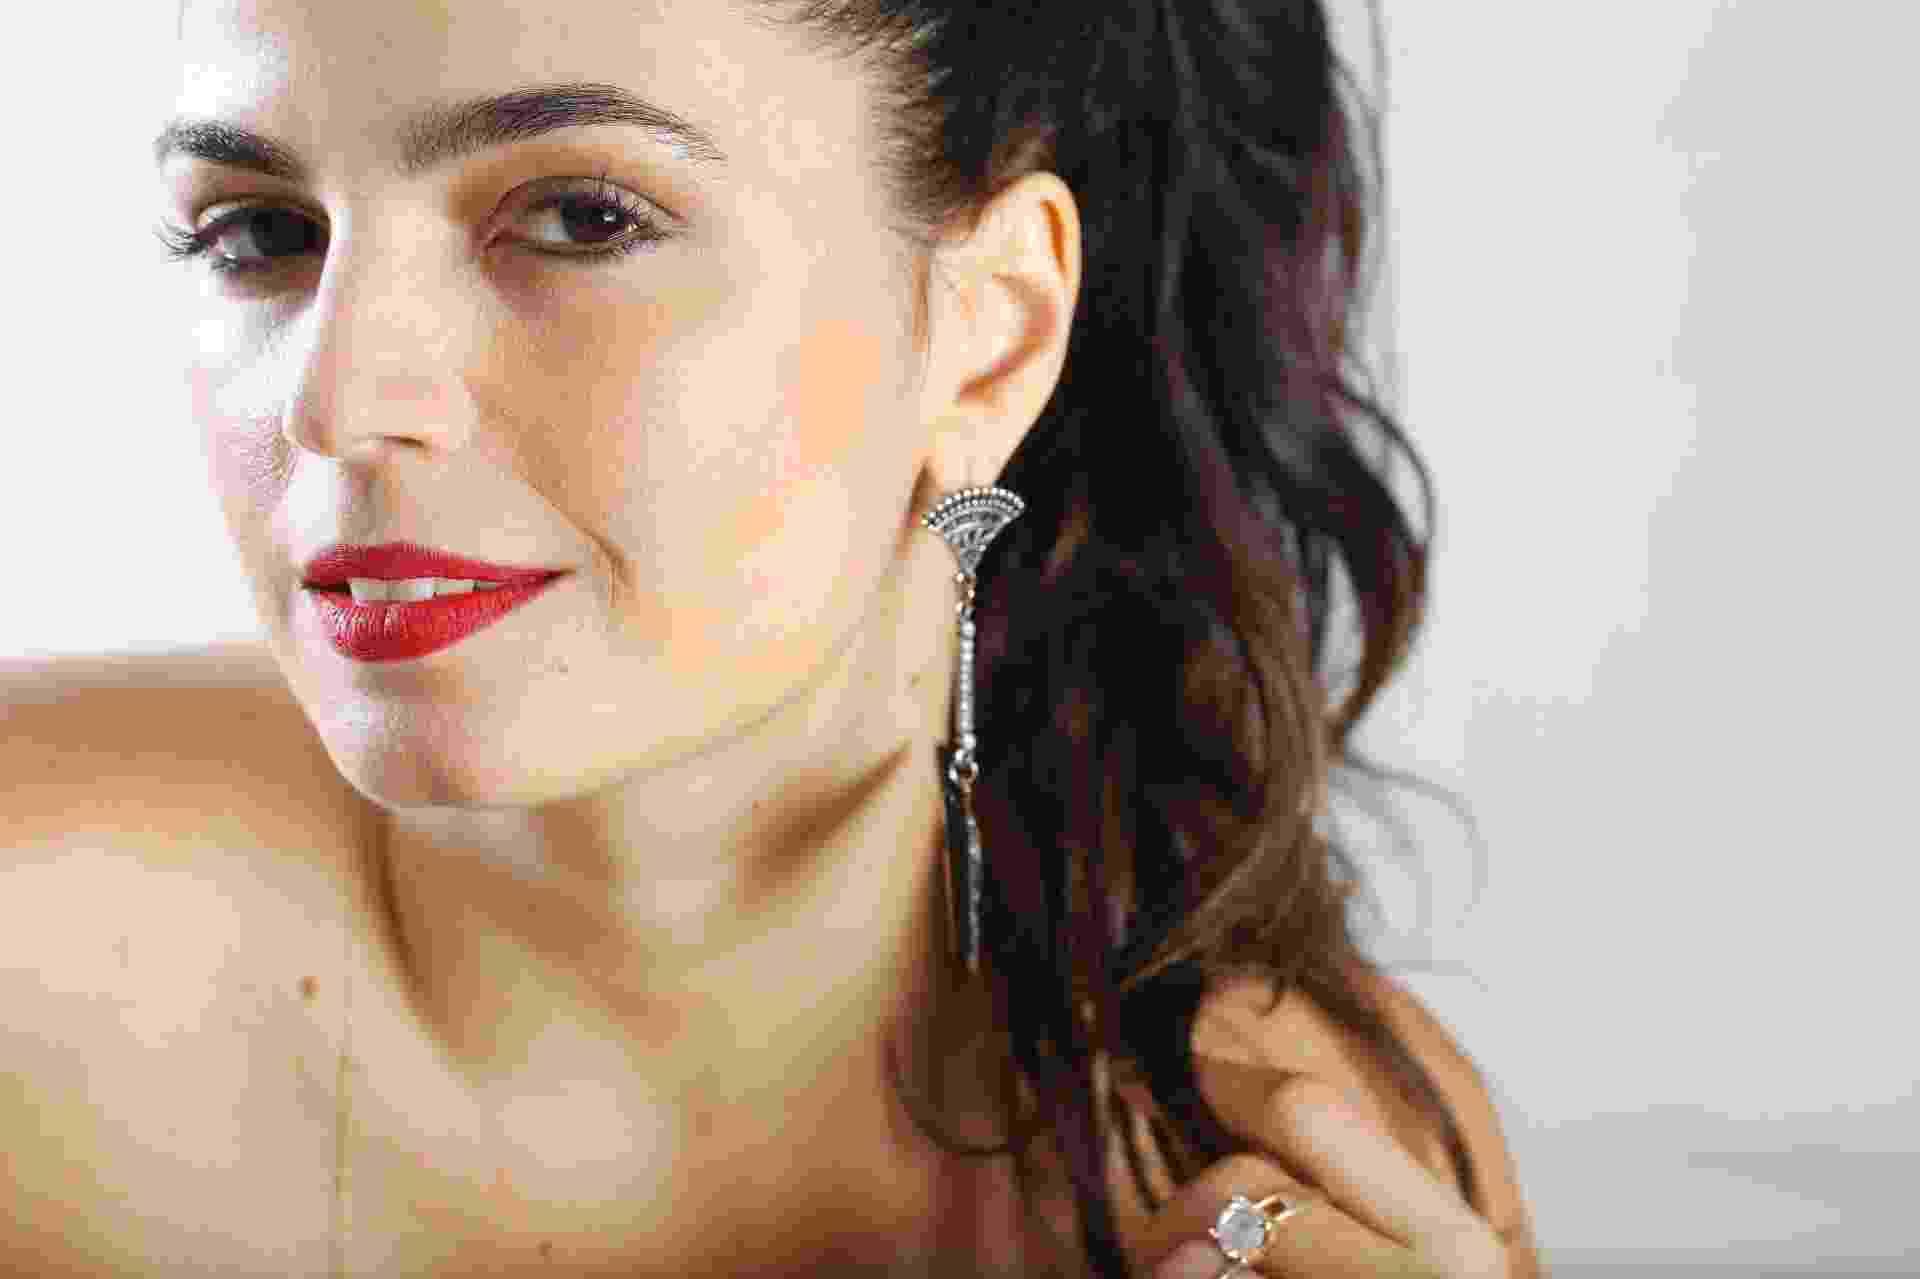 """Aos 40 anos, a cantora e atriz Emanuelle Araújo finalmente lança o primeiro disco solo """"O Problema é a Velocidade"""" - Marcos Pinto/UOL"""